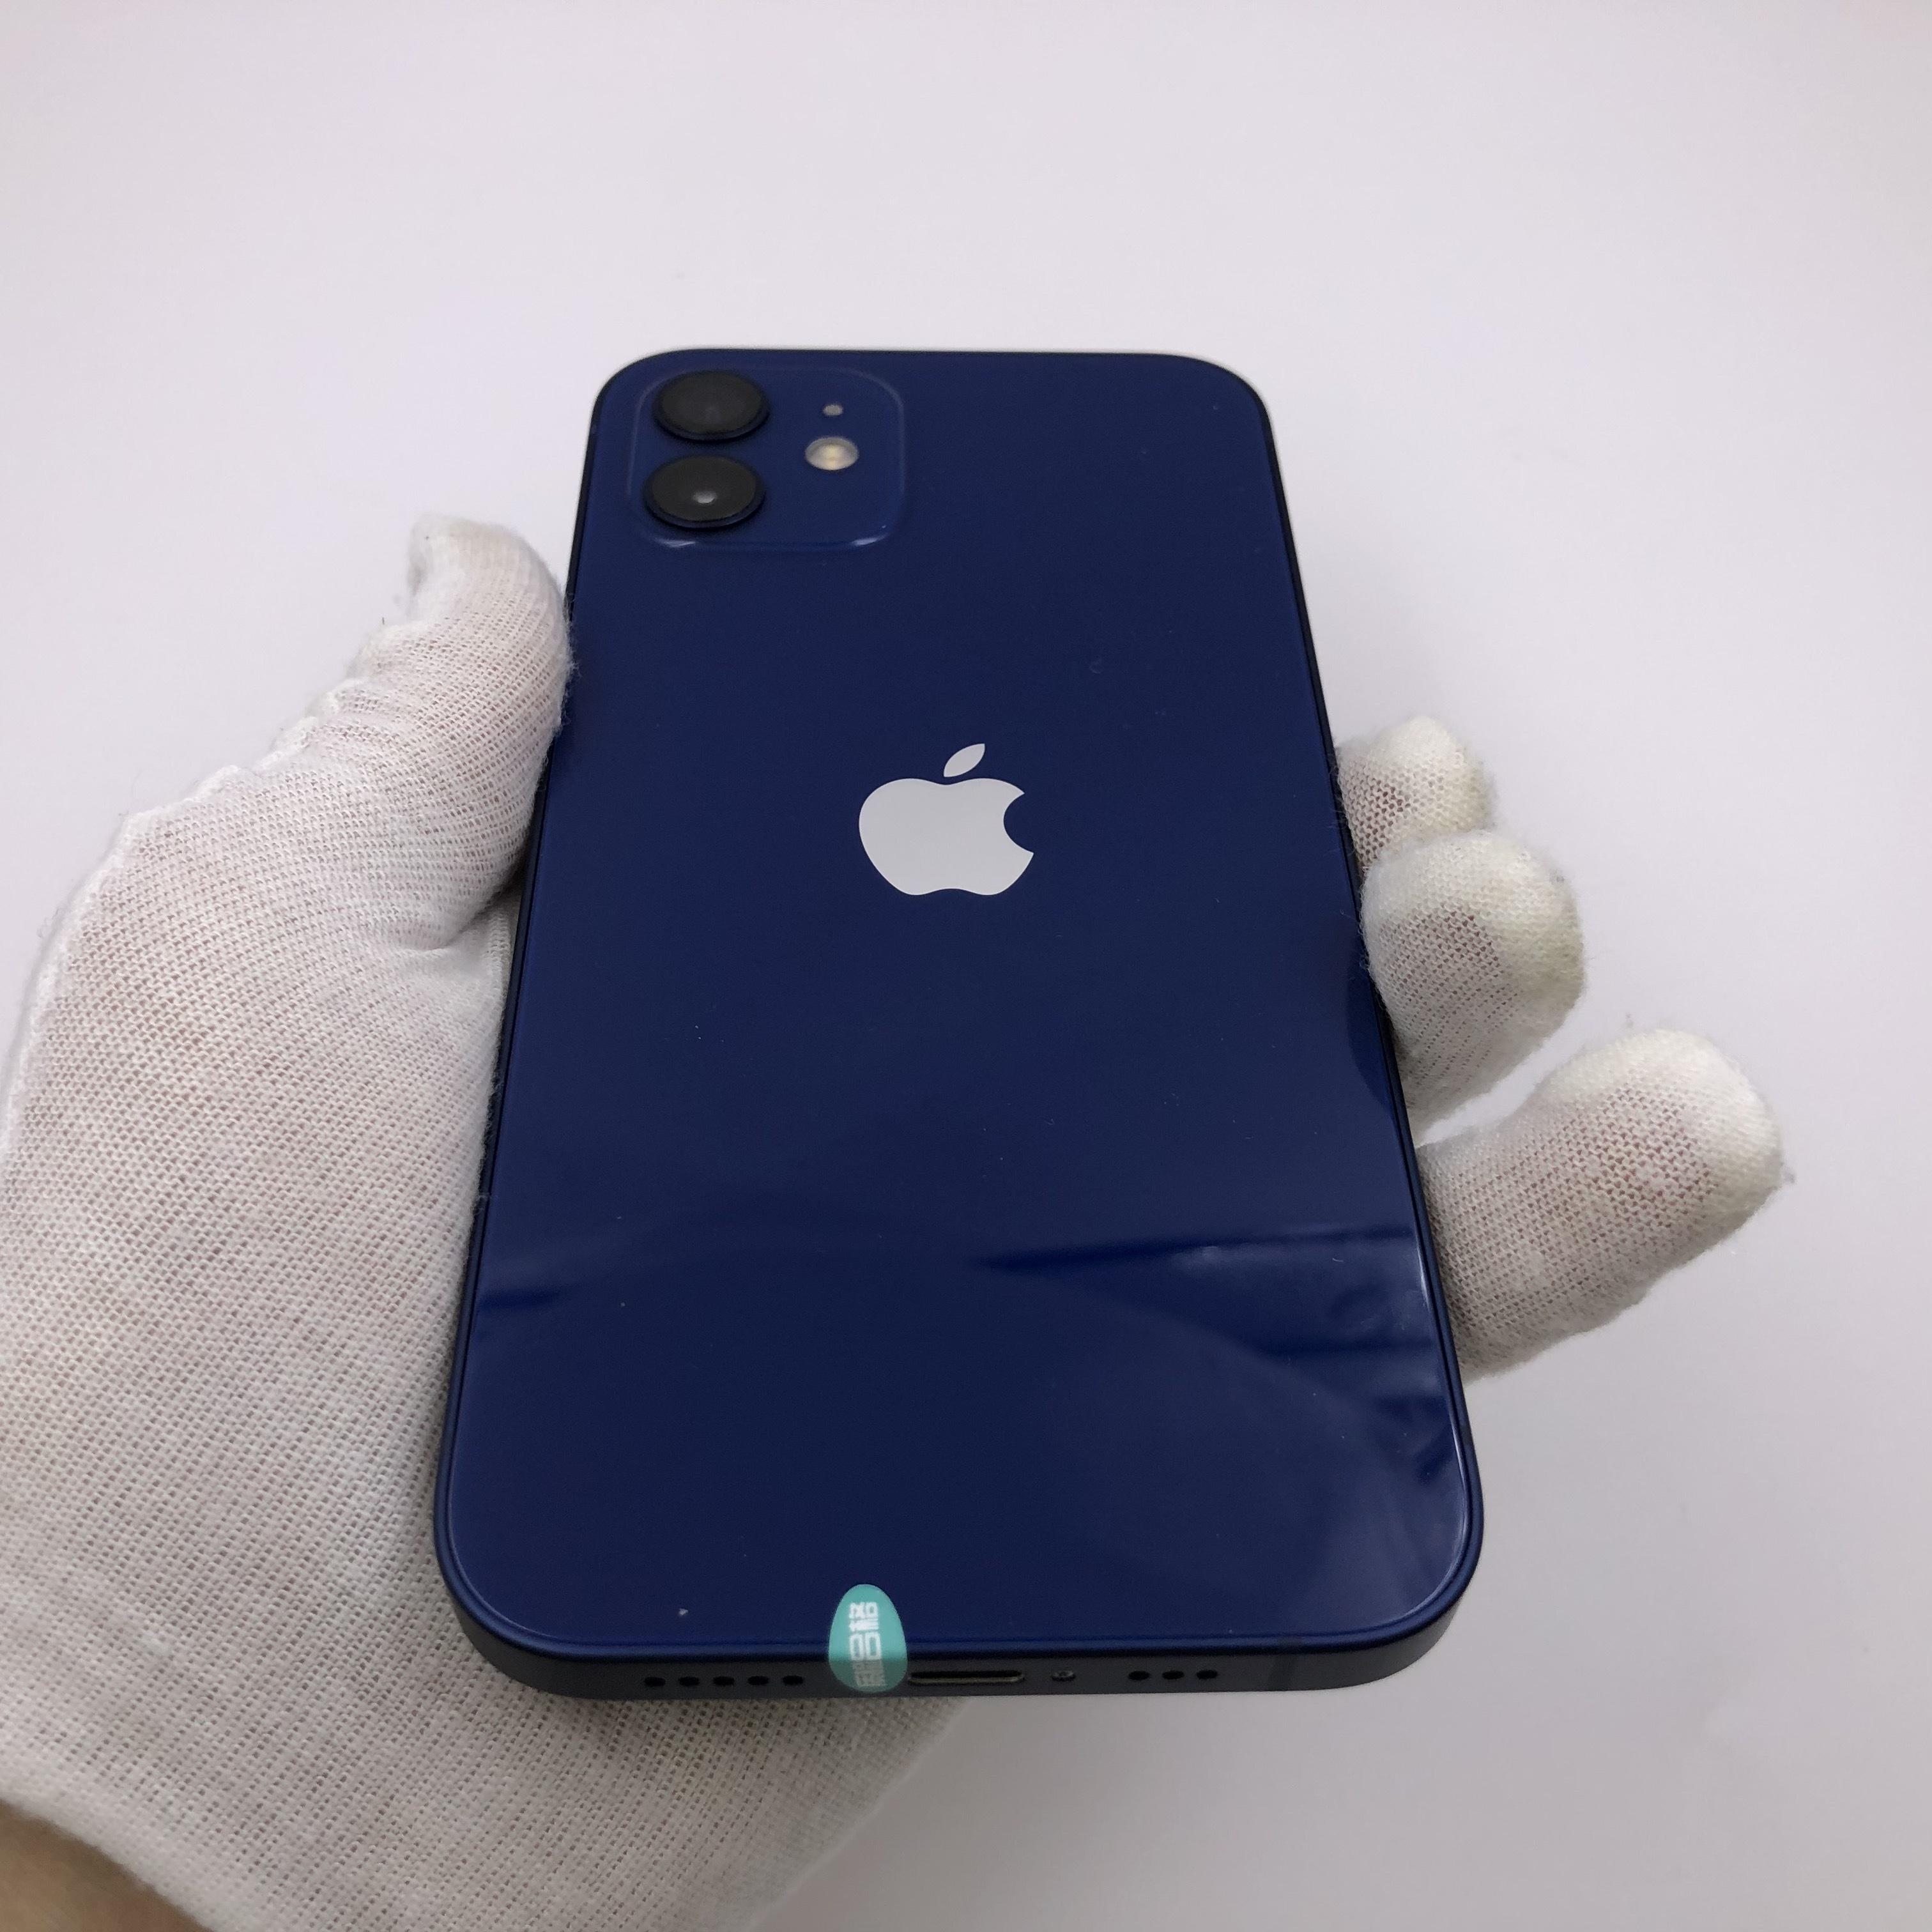 苹果【iPhone 12】5G全网通 蓝色 64G 国行 99新